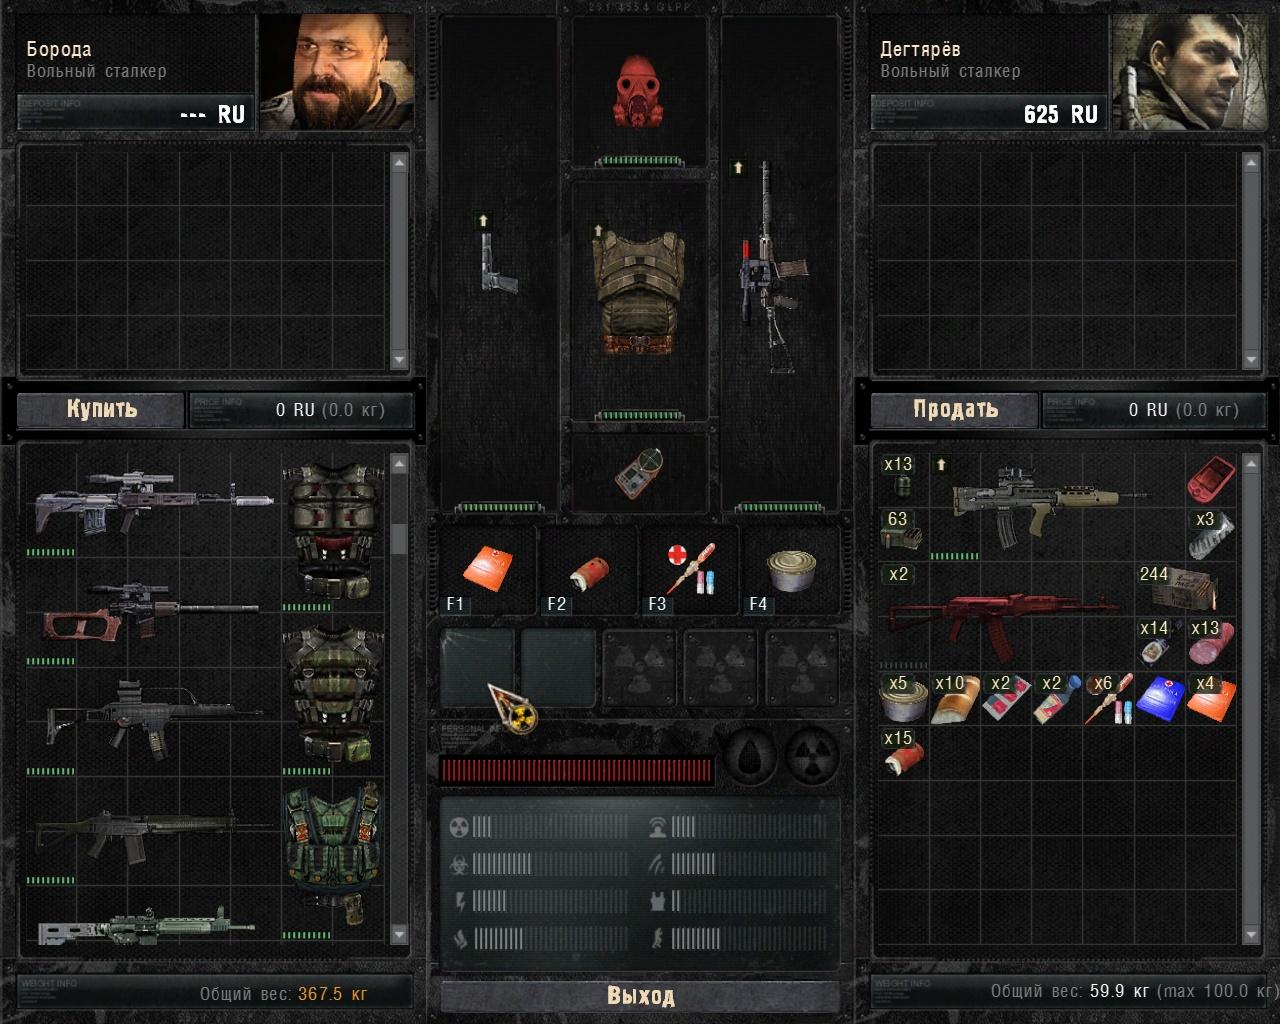 S.T.A.L.K.E.R.: Зов Припяти Stalker real mod. Обои для рабочего.